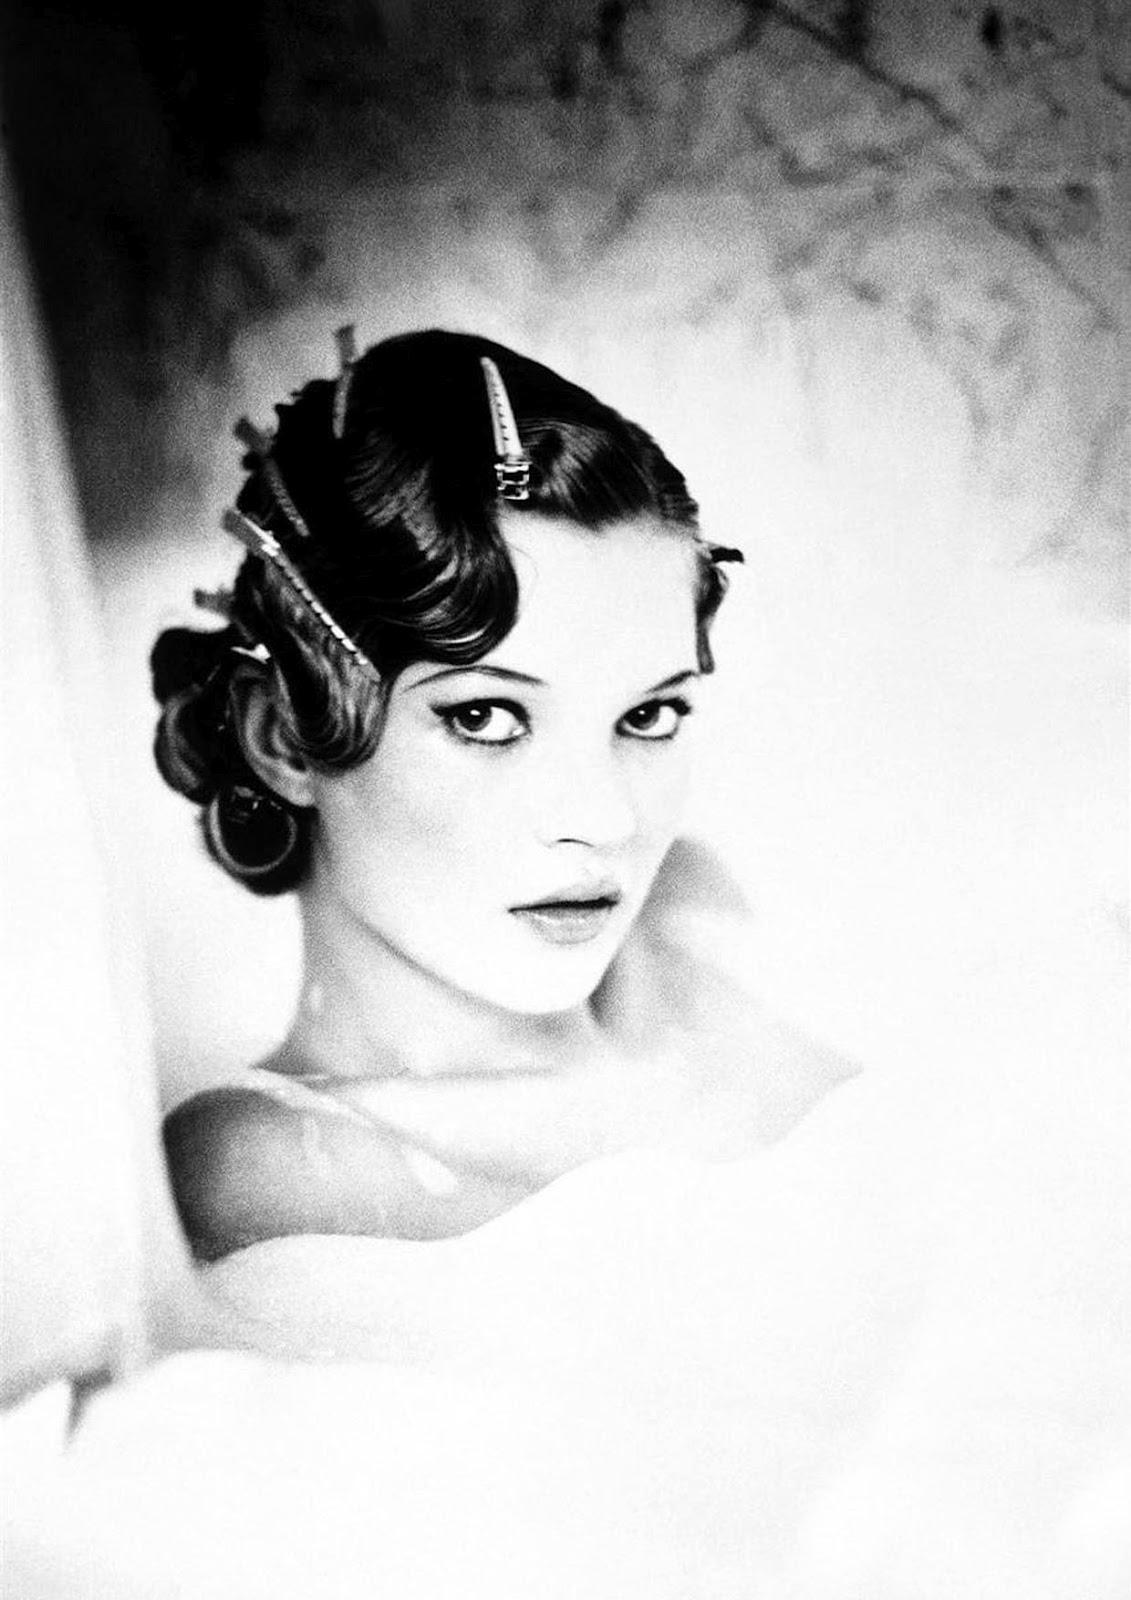 http://2.bp.blogspot.com/-ltCBuOUxVsc/T9ShZCfHeXI/AAAAAAAAwkA/sZ7me_dZCnk/s1600/Kate+Moss+Vogue+Italia+by+Ellen+Von+Unwerth.jpg